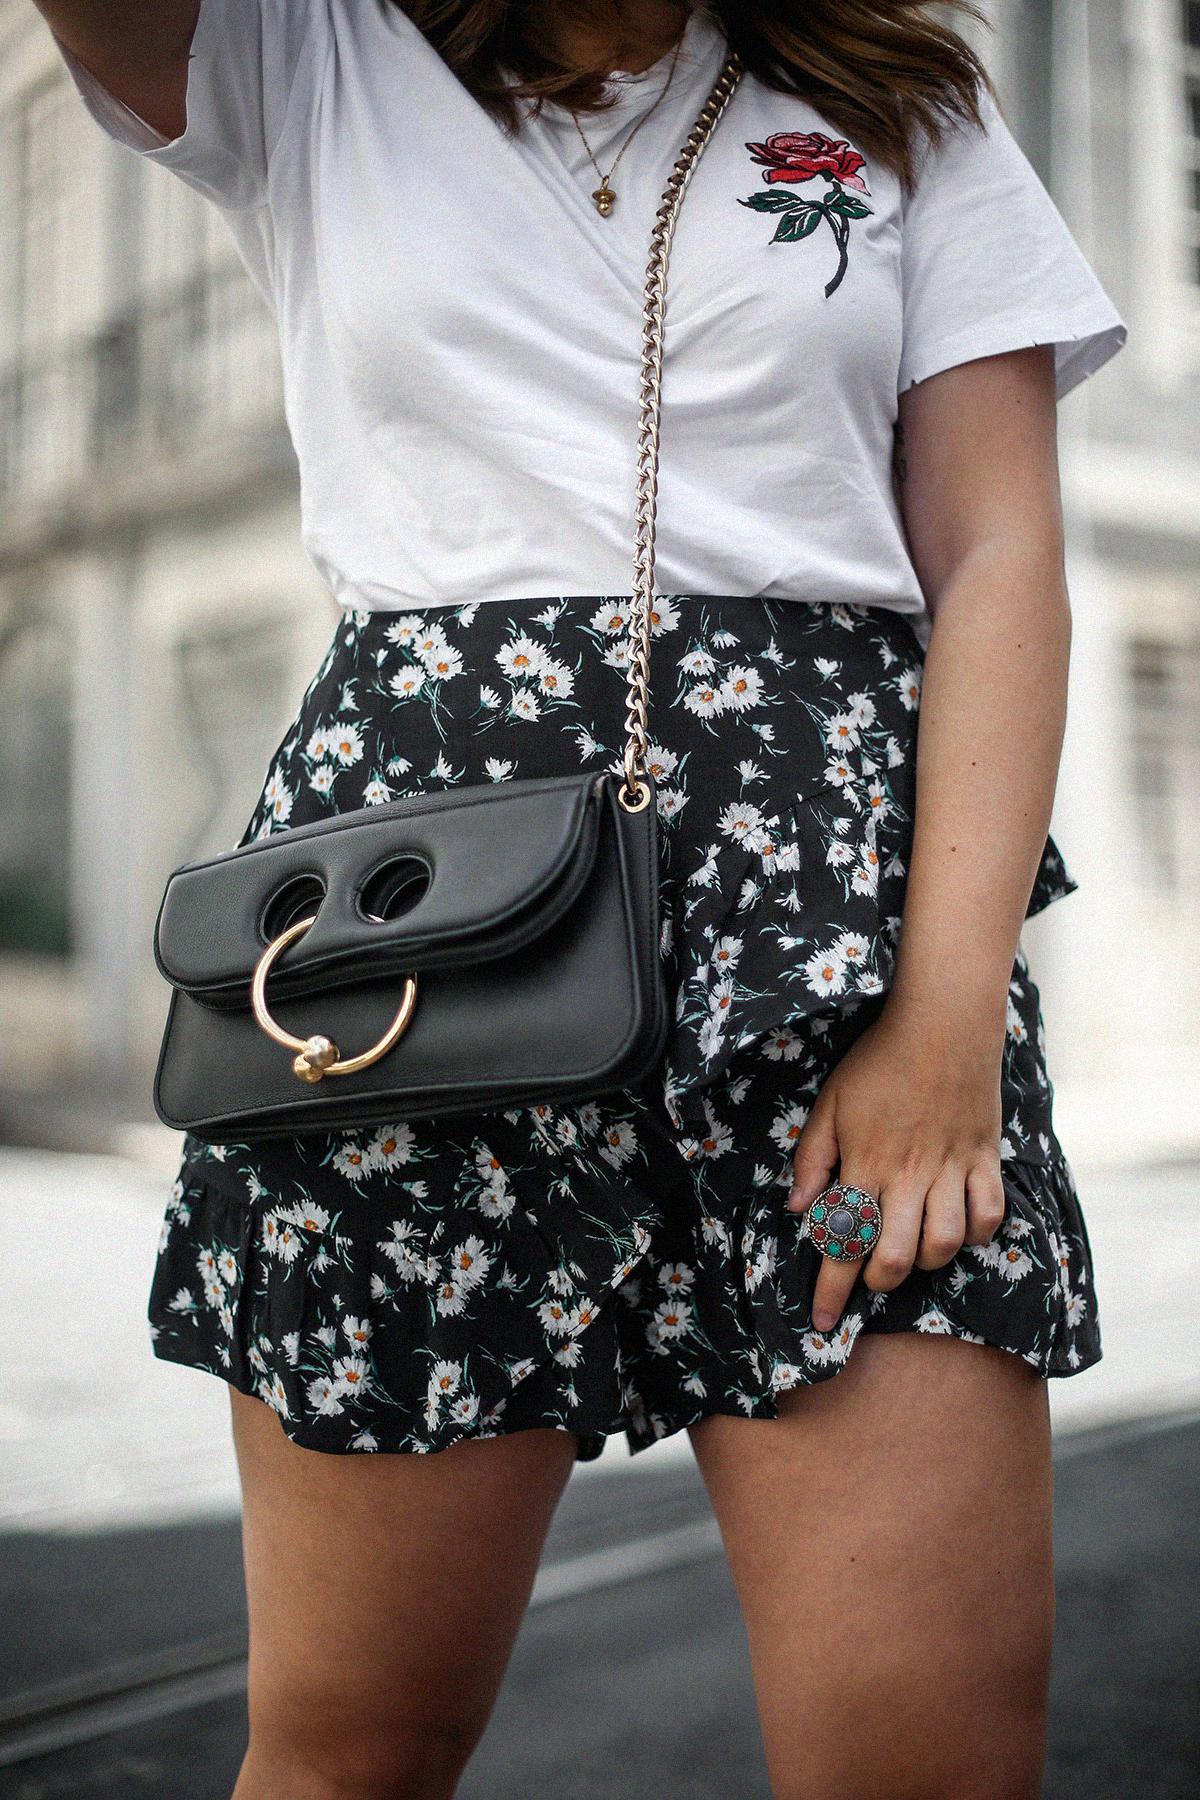 shorts-margaritas-mango-nomadic-sandalias-outfit-lisboa2